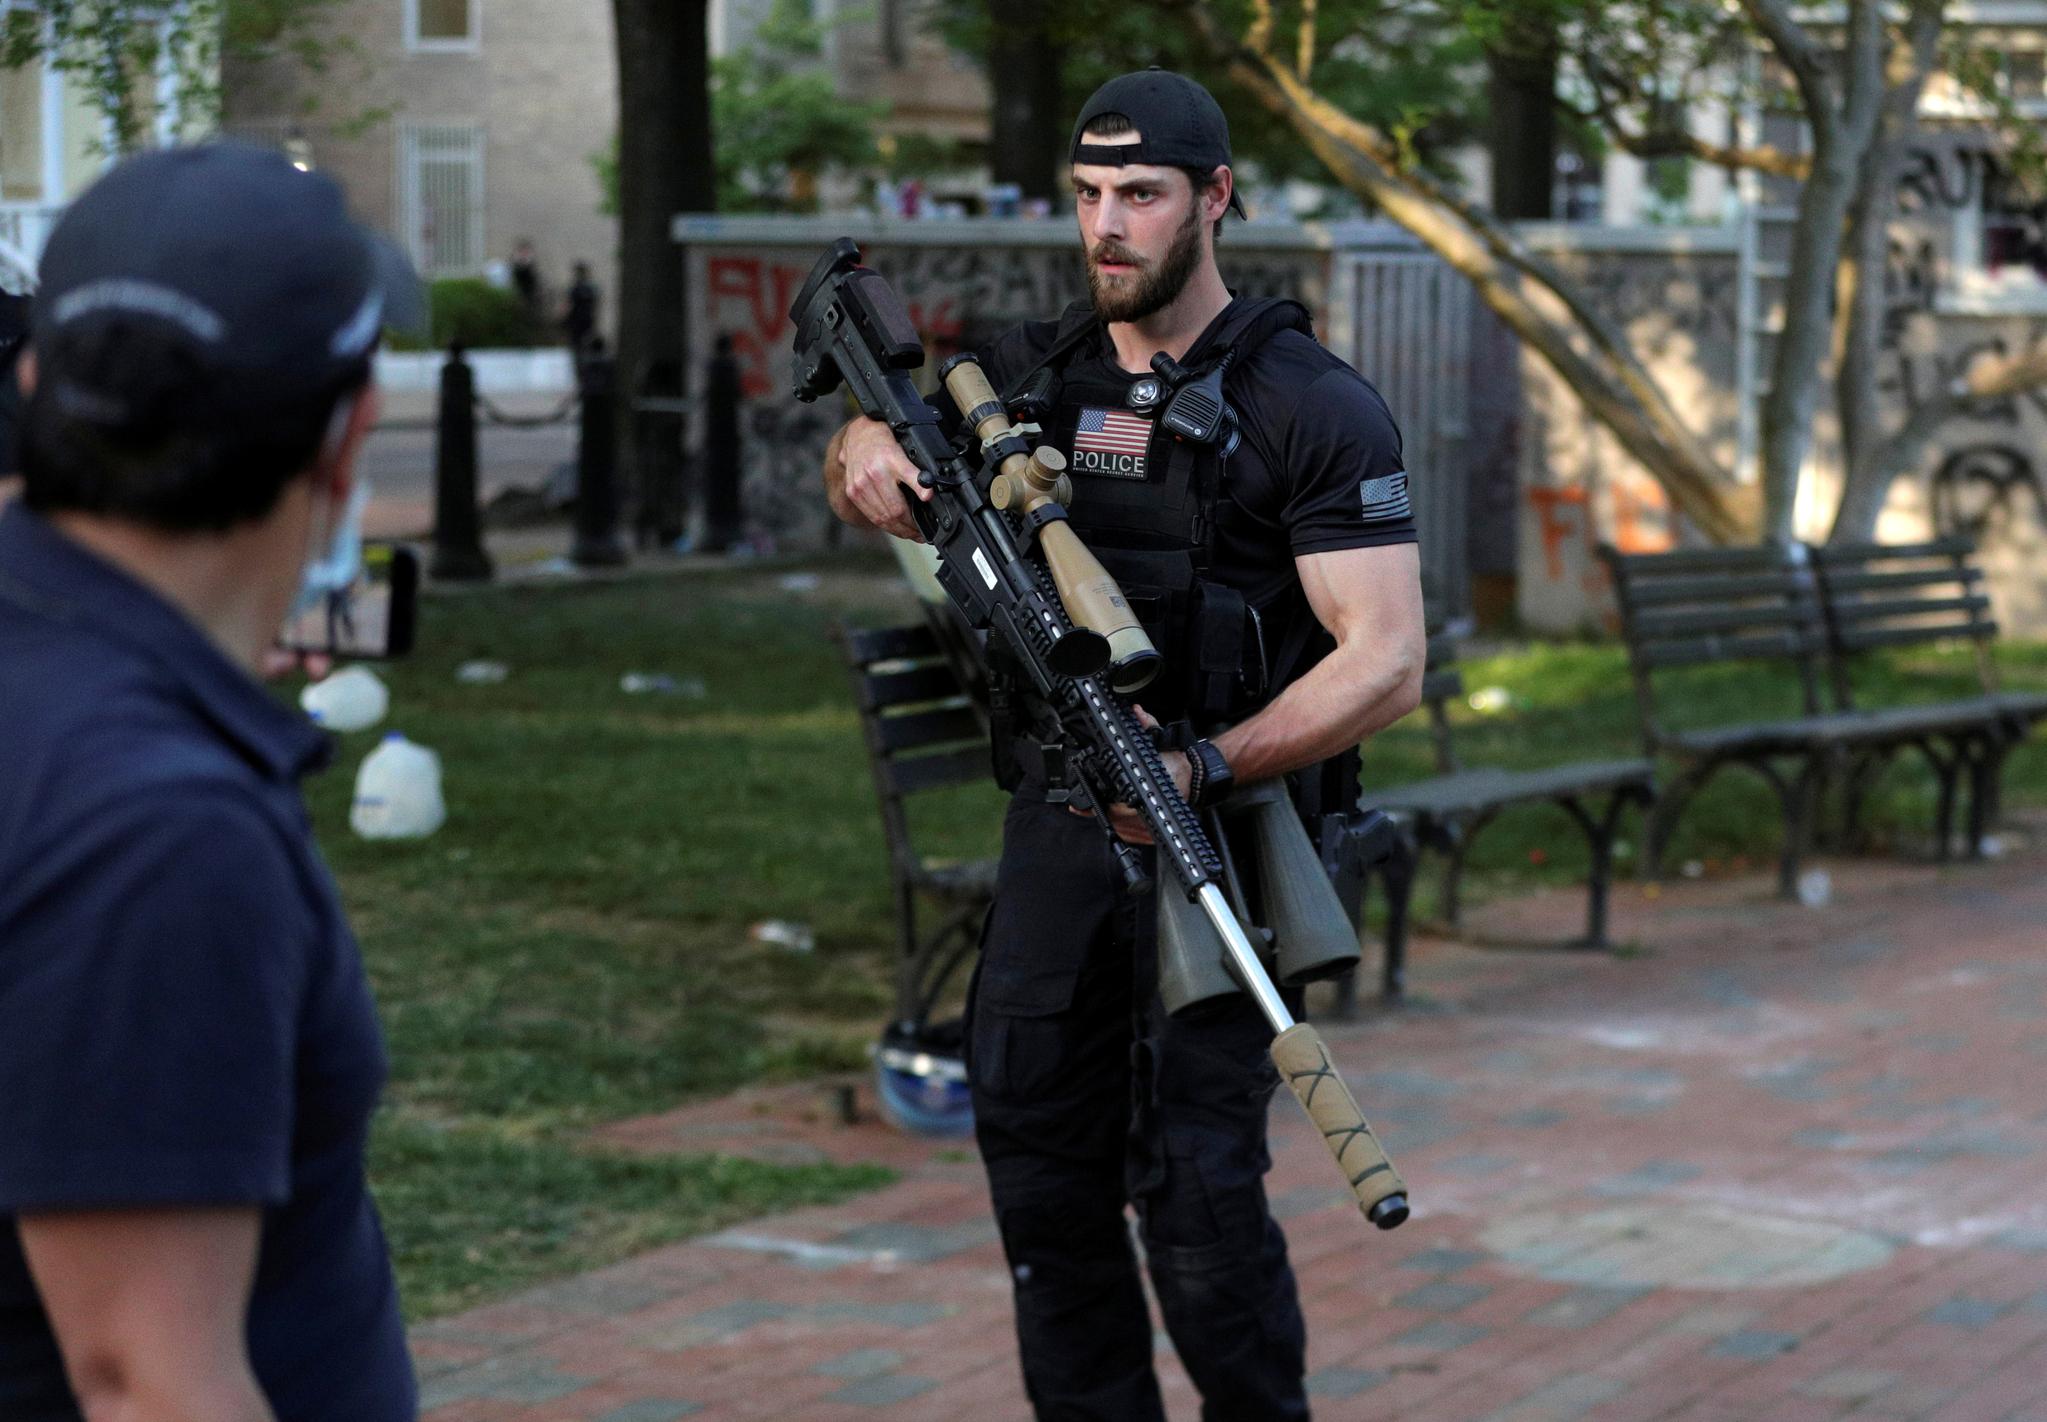 미국 비밀경호국 요원이 1일(현지시간) 도널드 트럼프 대통령이 세인트존스 교회를 방문한 동안 저격총을 들고 경호를 하고 있다. [로이터=연합뉴스]